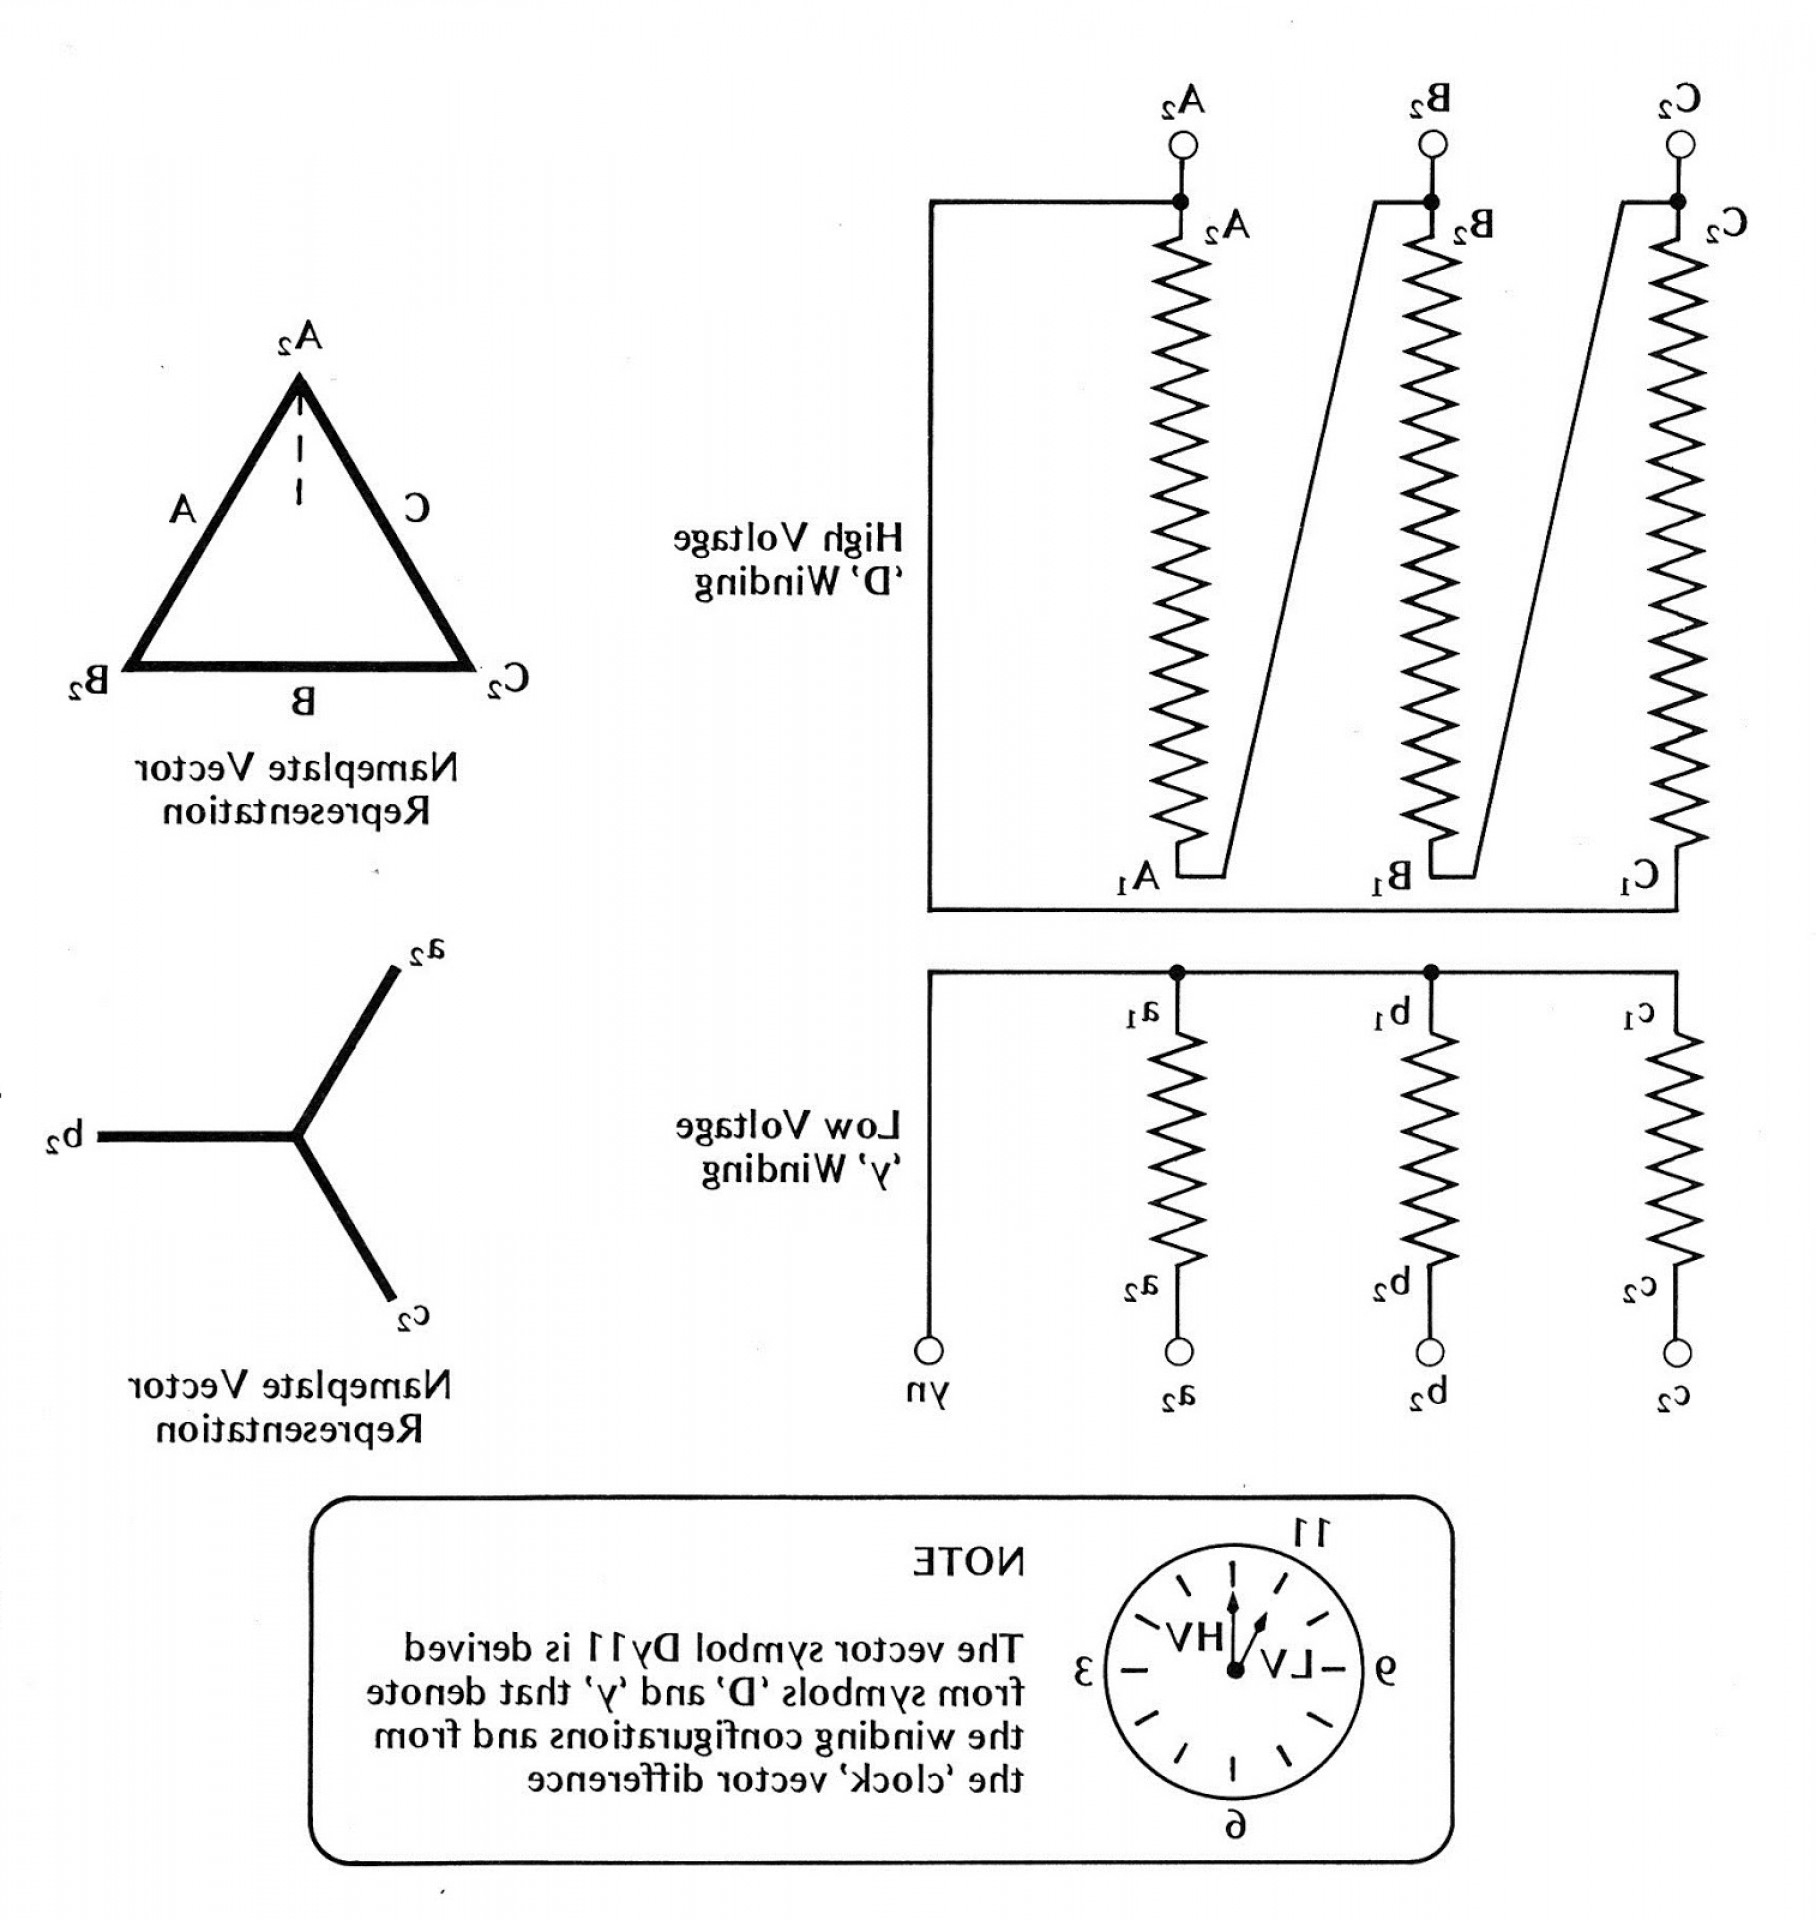 Single Phase Transformer Wiring Diagram Symbols For Three Phase - 3 Phase Transformer Wiring Diagram